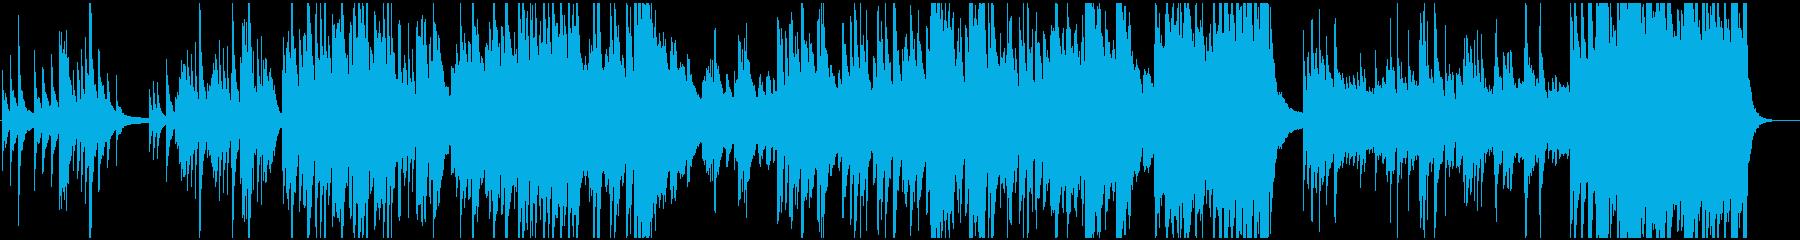 広がりのある壮大な和風BGMの再生済みの波形